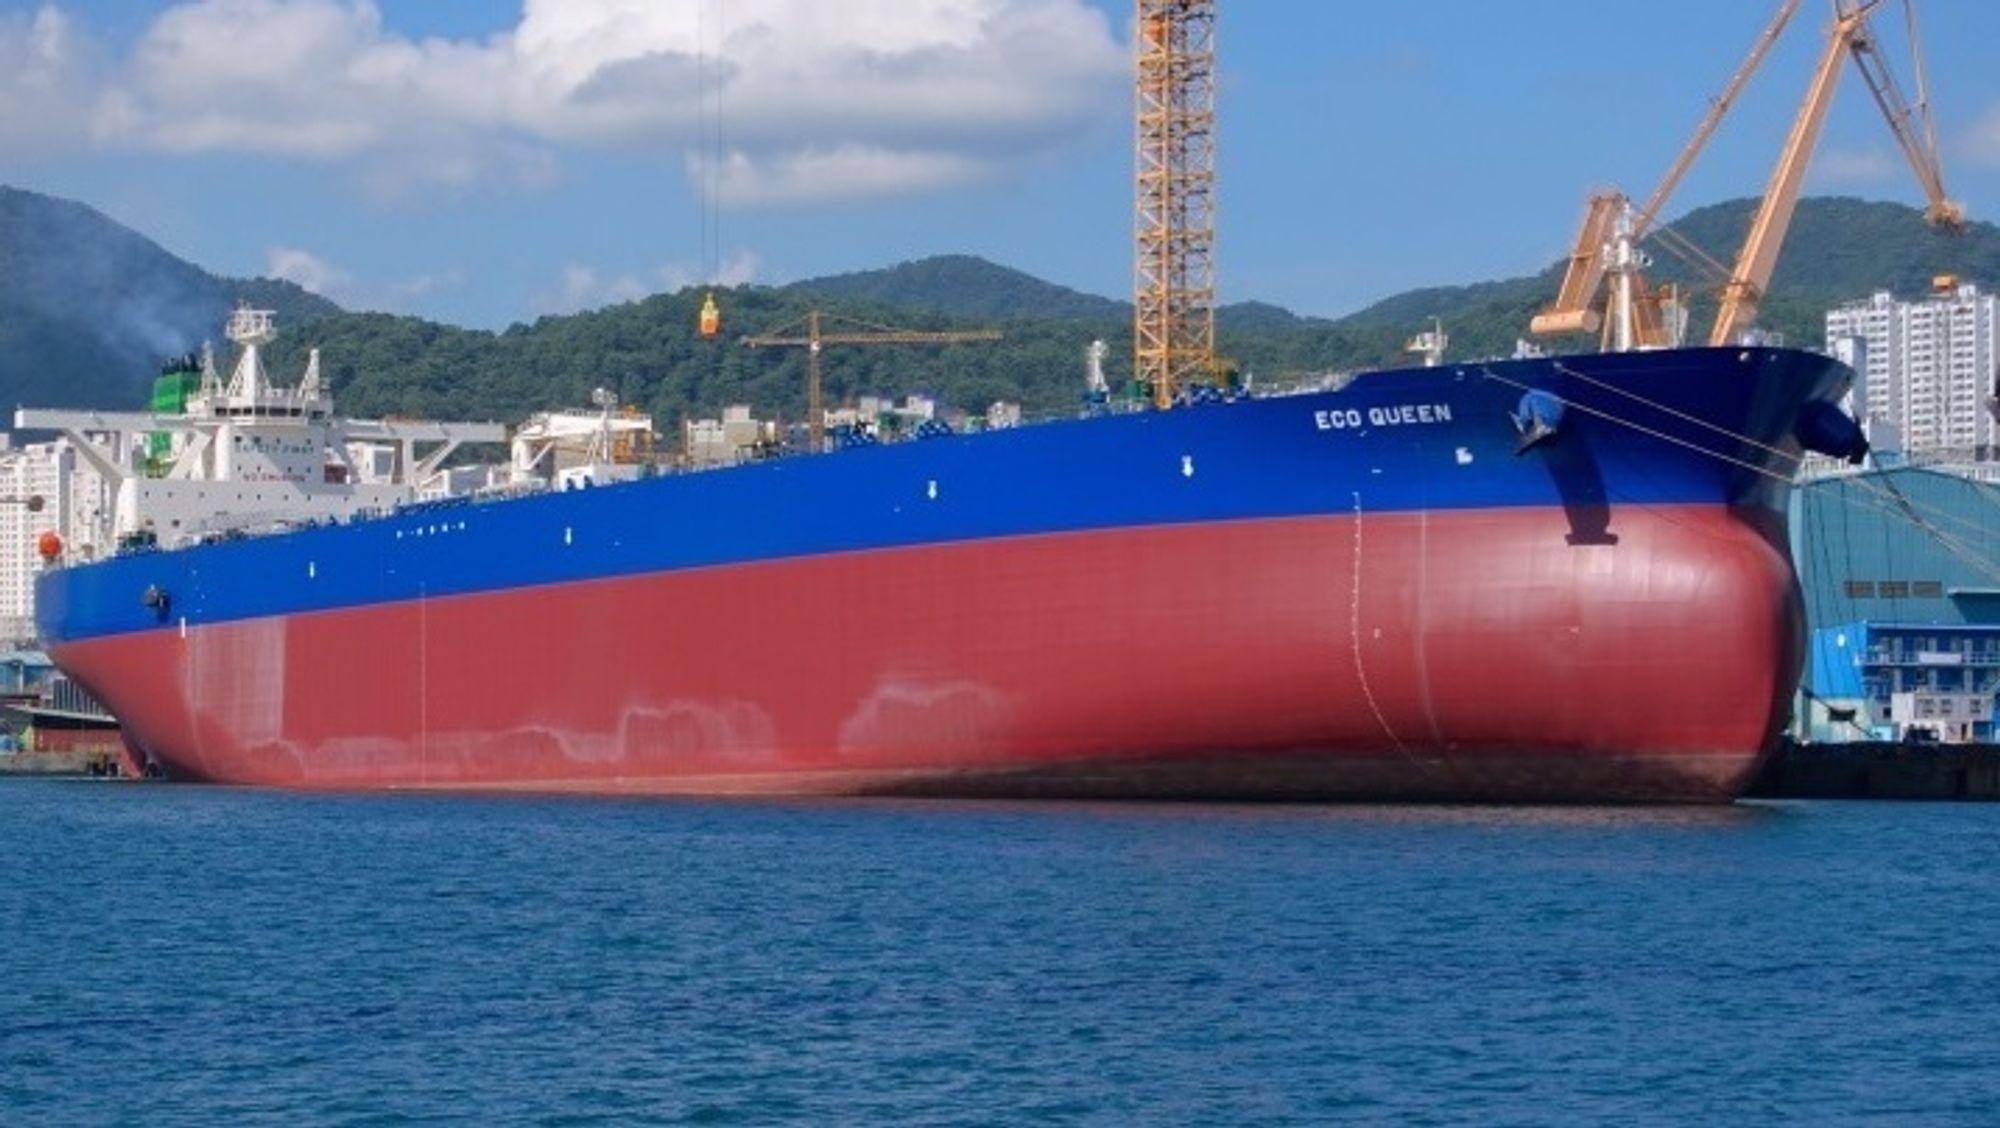 Awilco fikk i 2016 levert fire VLCC tankskip på 299.999 dødvekttonn fra DSME i Korea. De bruker 30 tonn mindre drivstoff enn tilsvarende skip bygget i 2010.